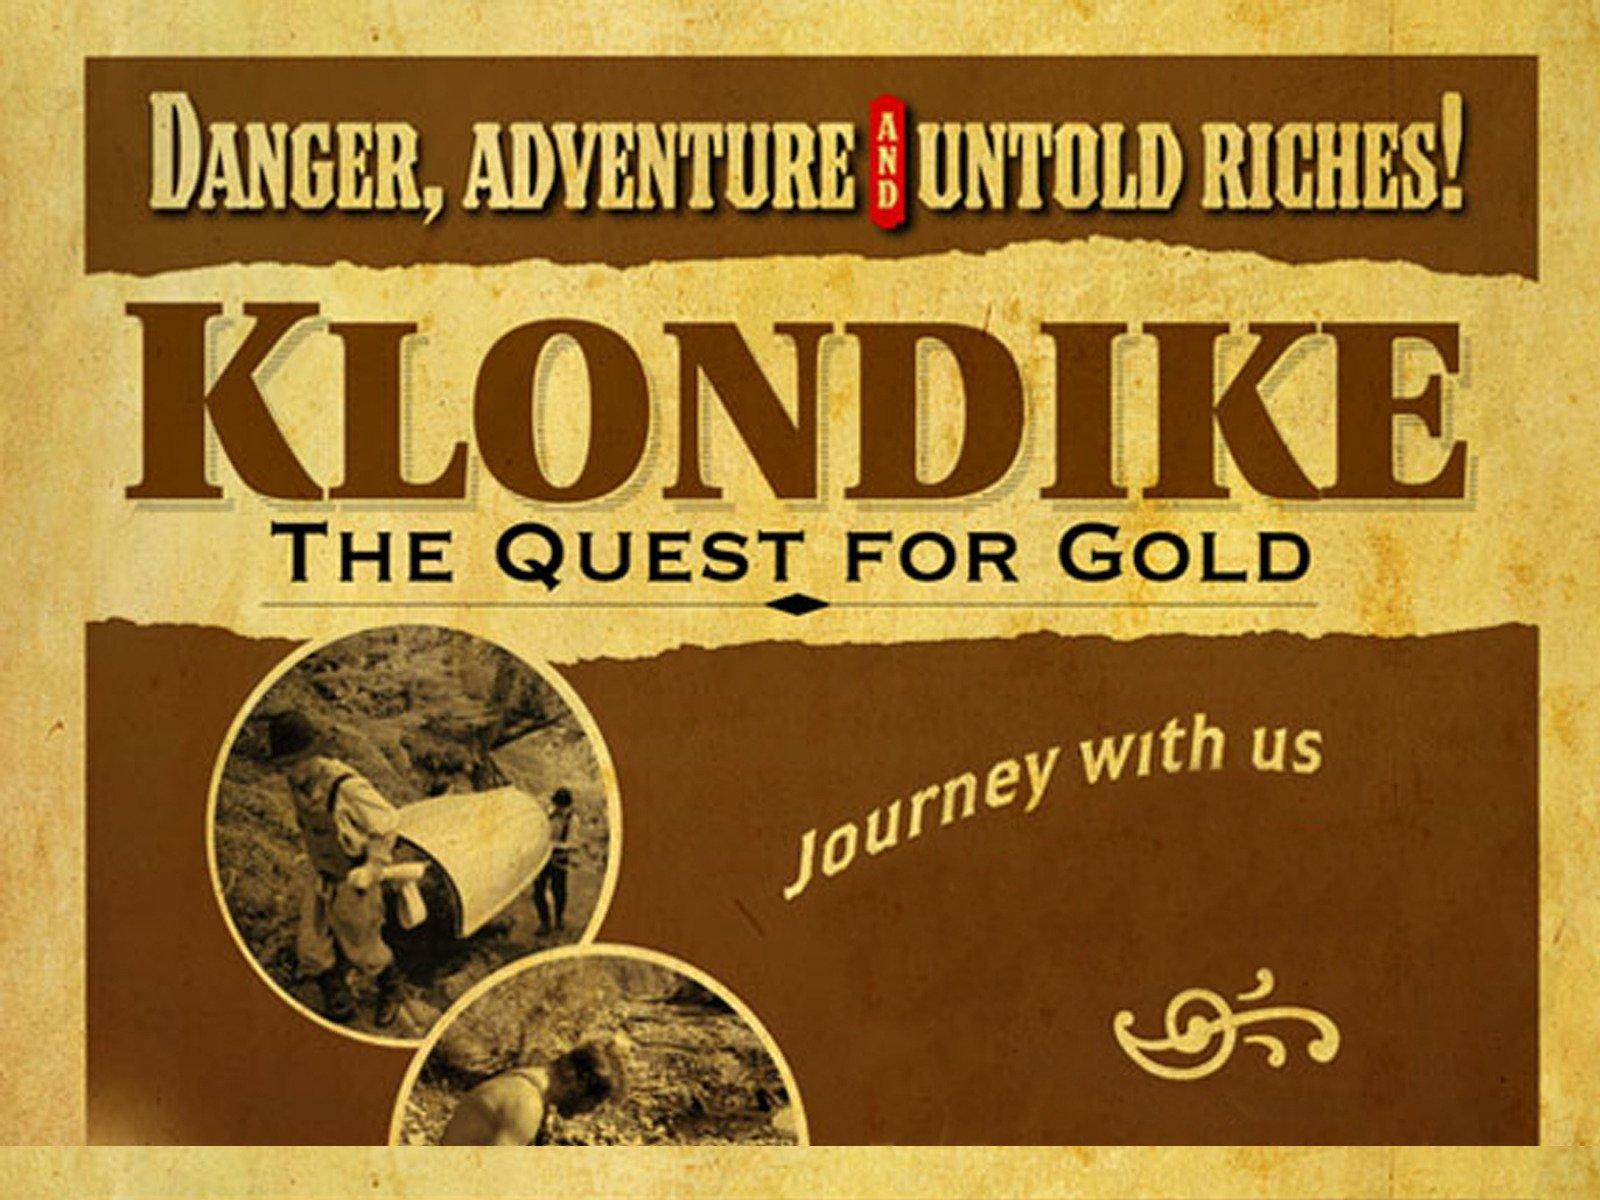 Buy Klondike Now!